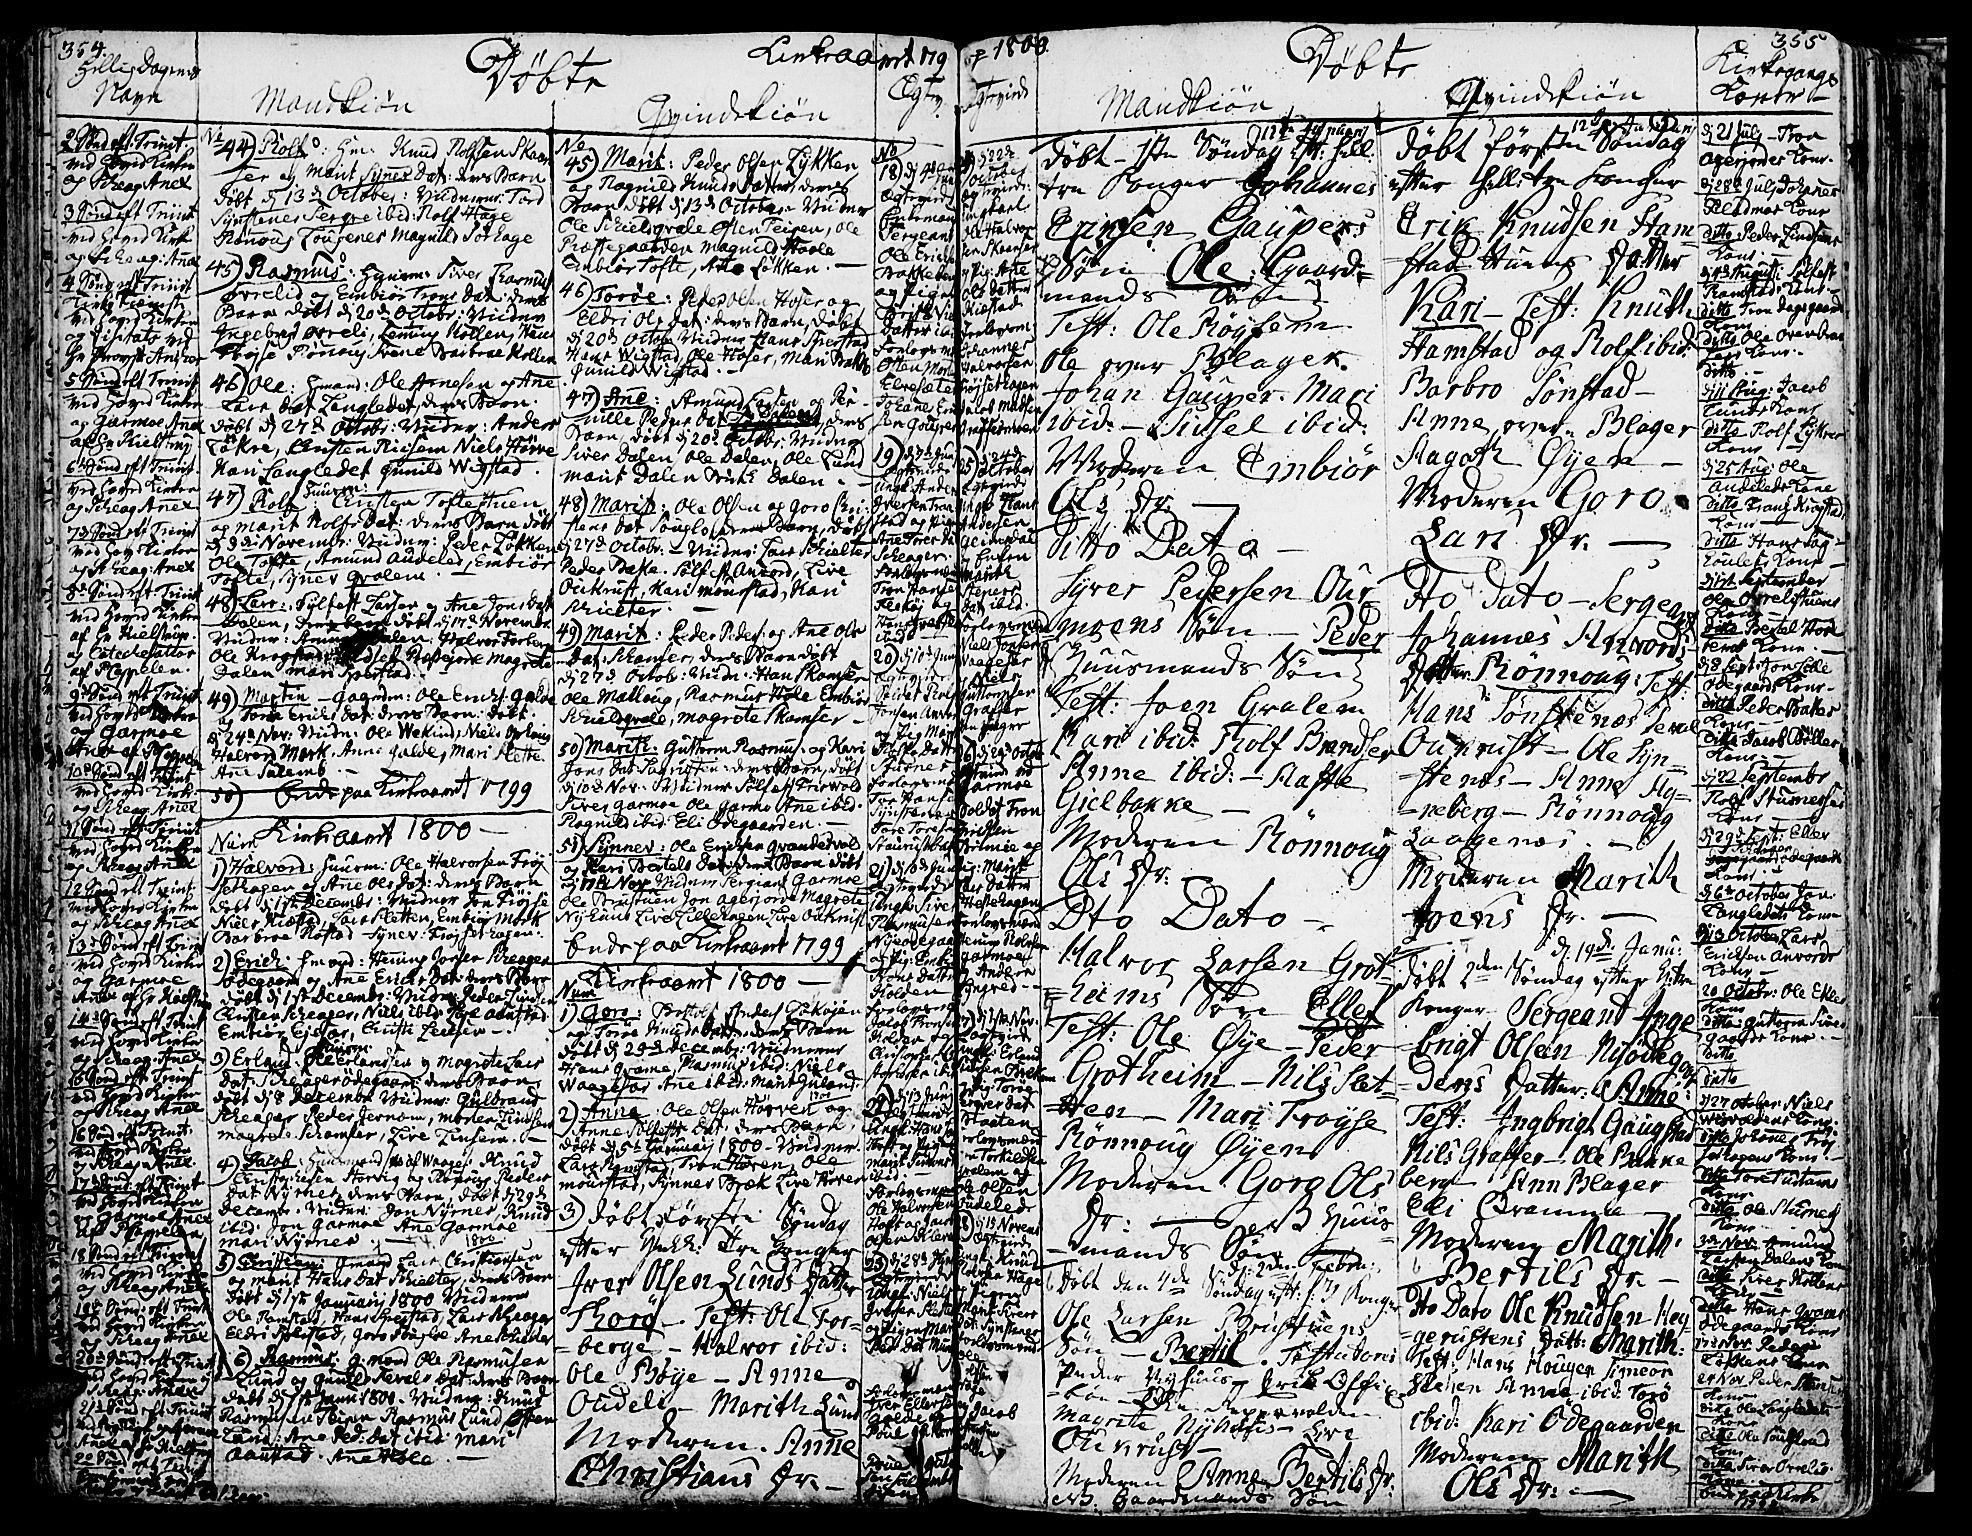 SAH, Lom prestekontor, K/L0002: Ministerialbok nr. 2, 1749-1801, s. 354-355